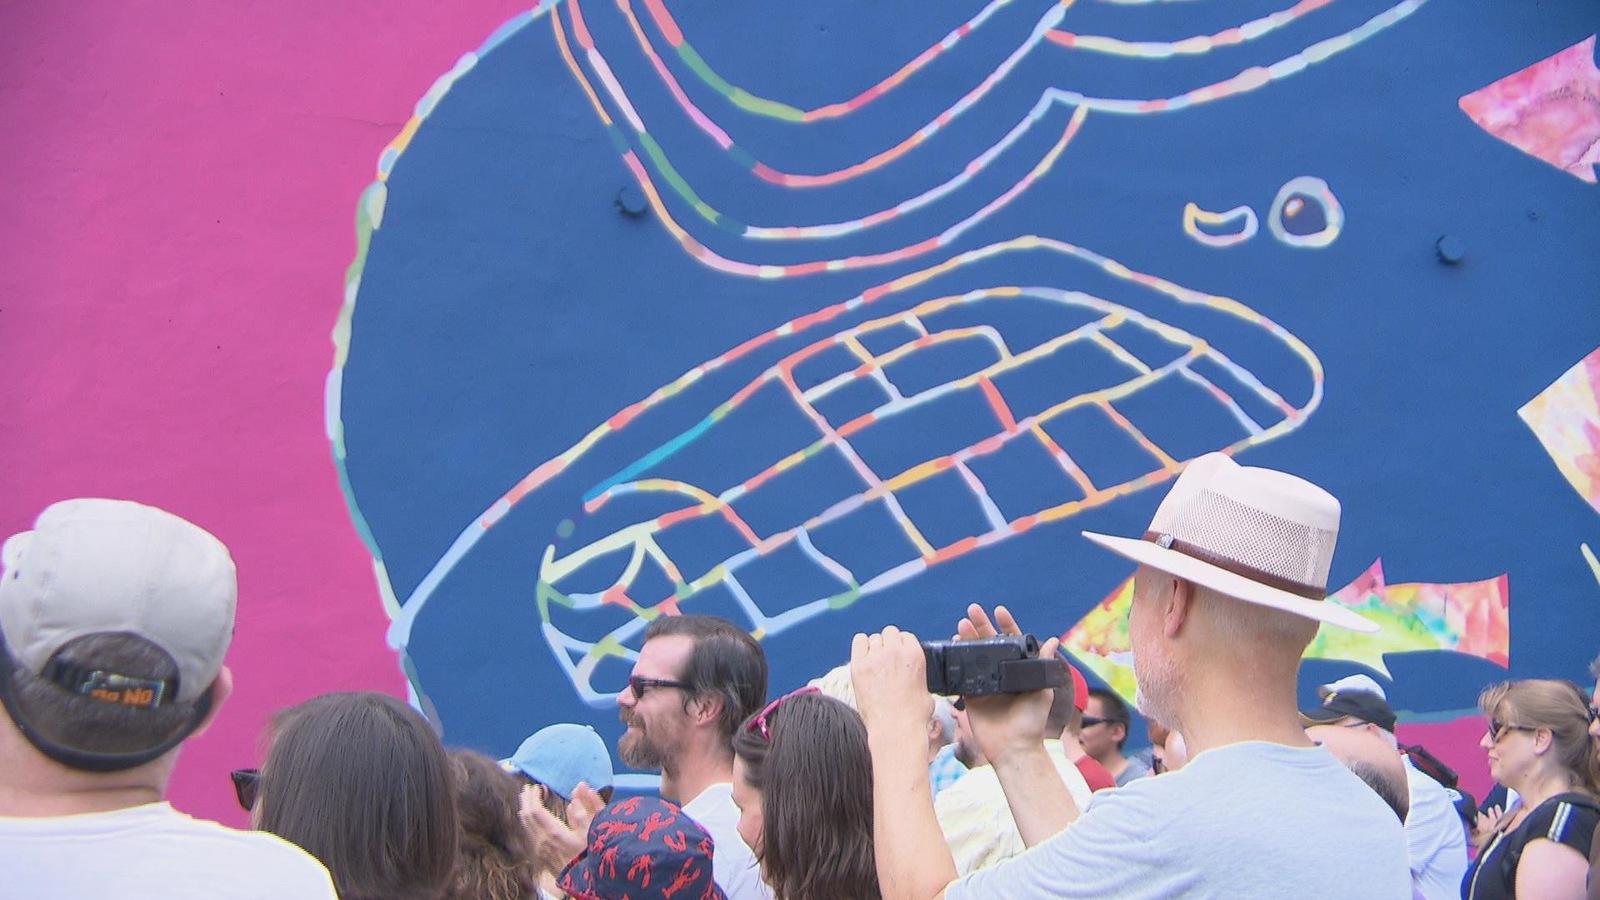 Des gens devant une murale